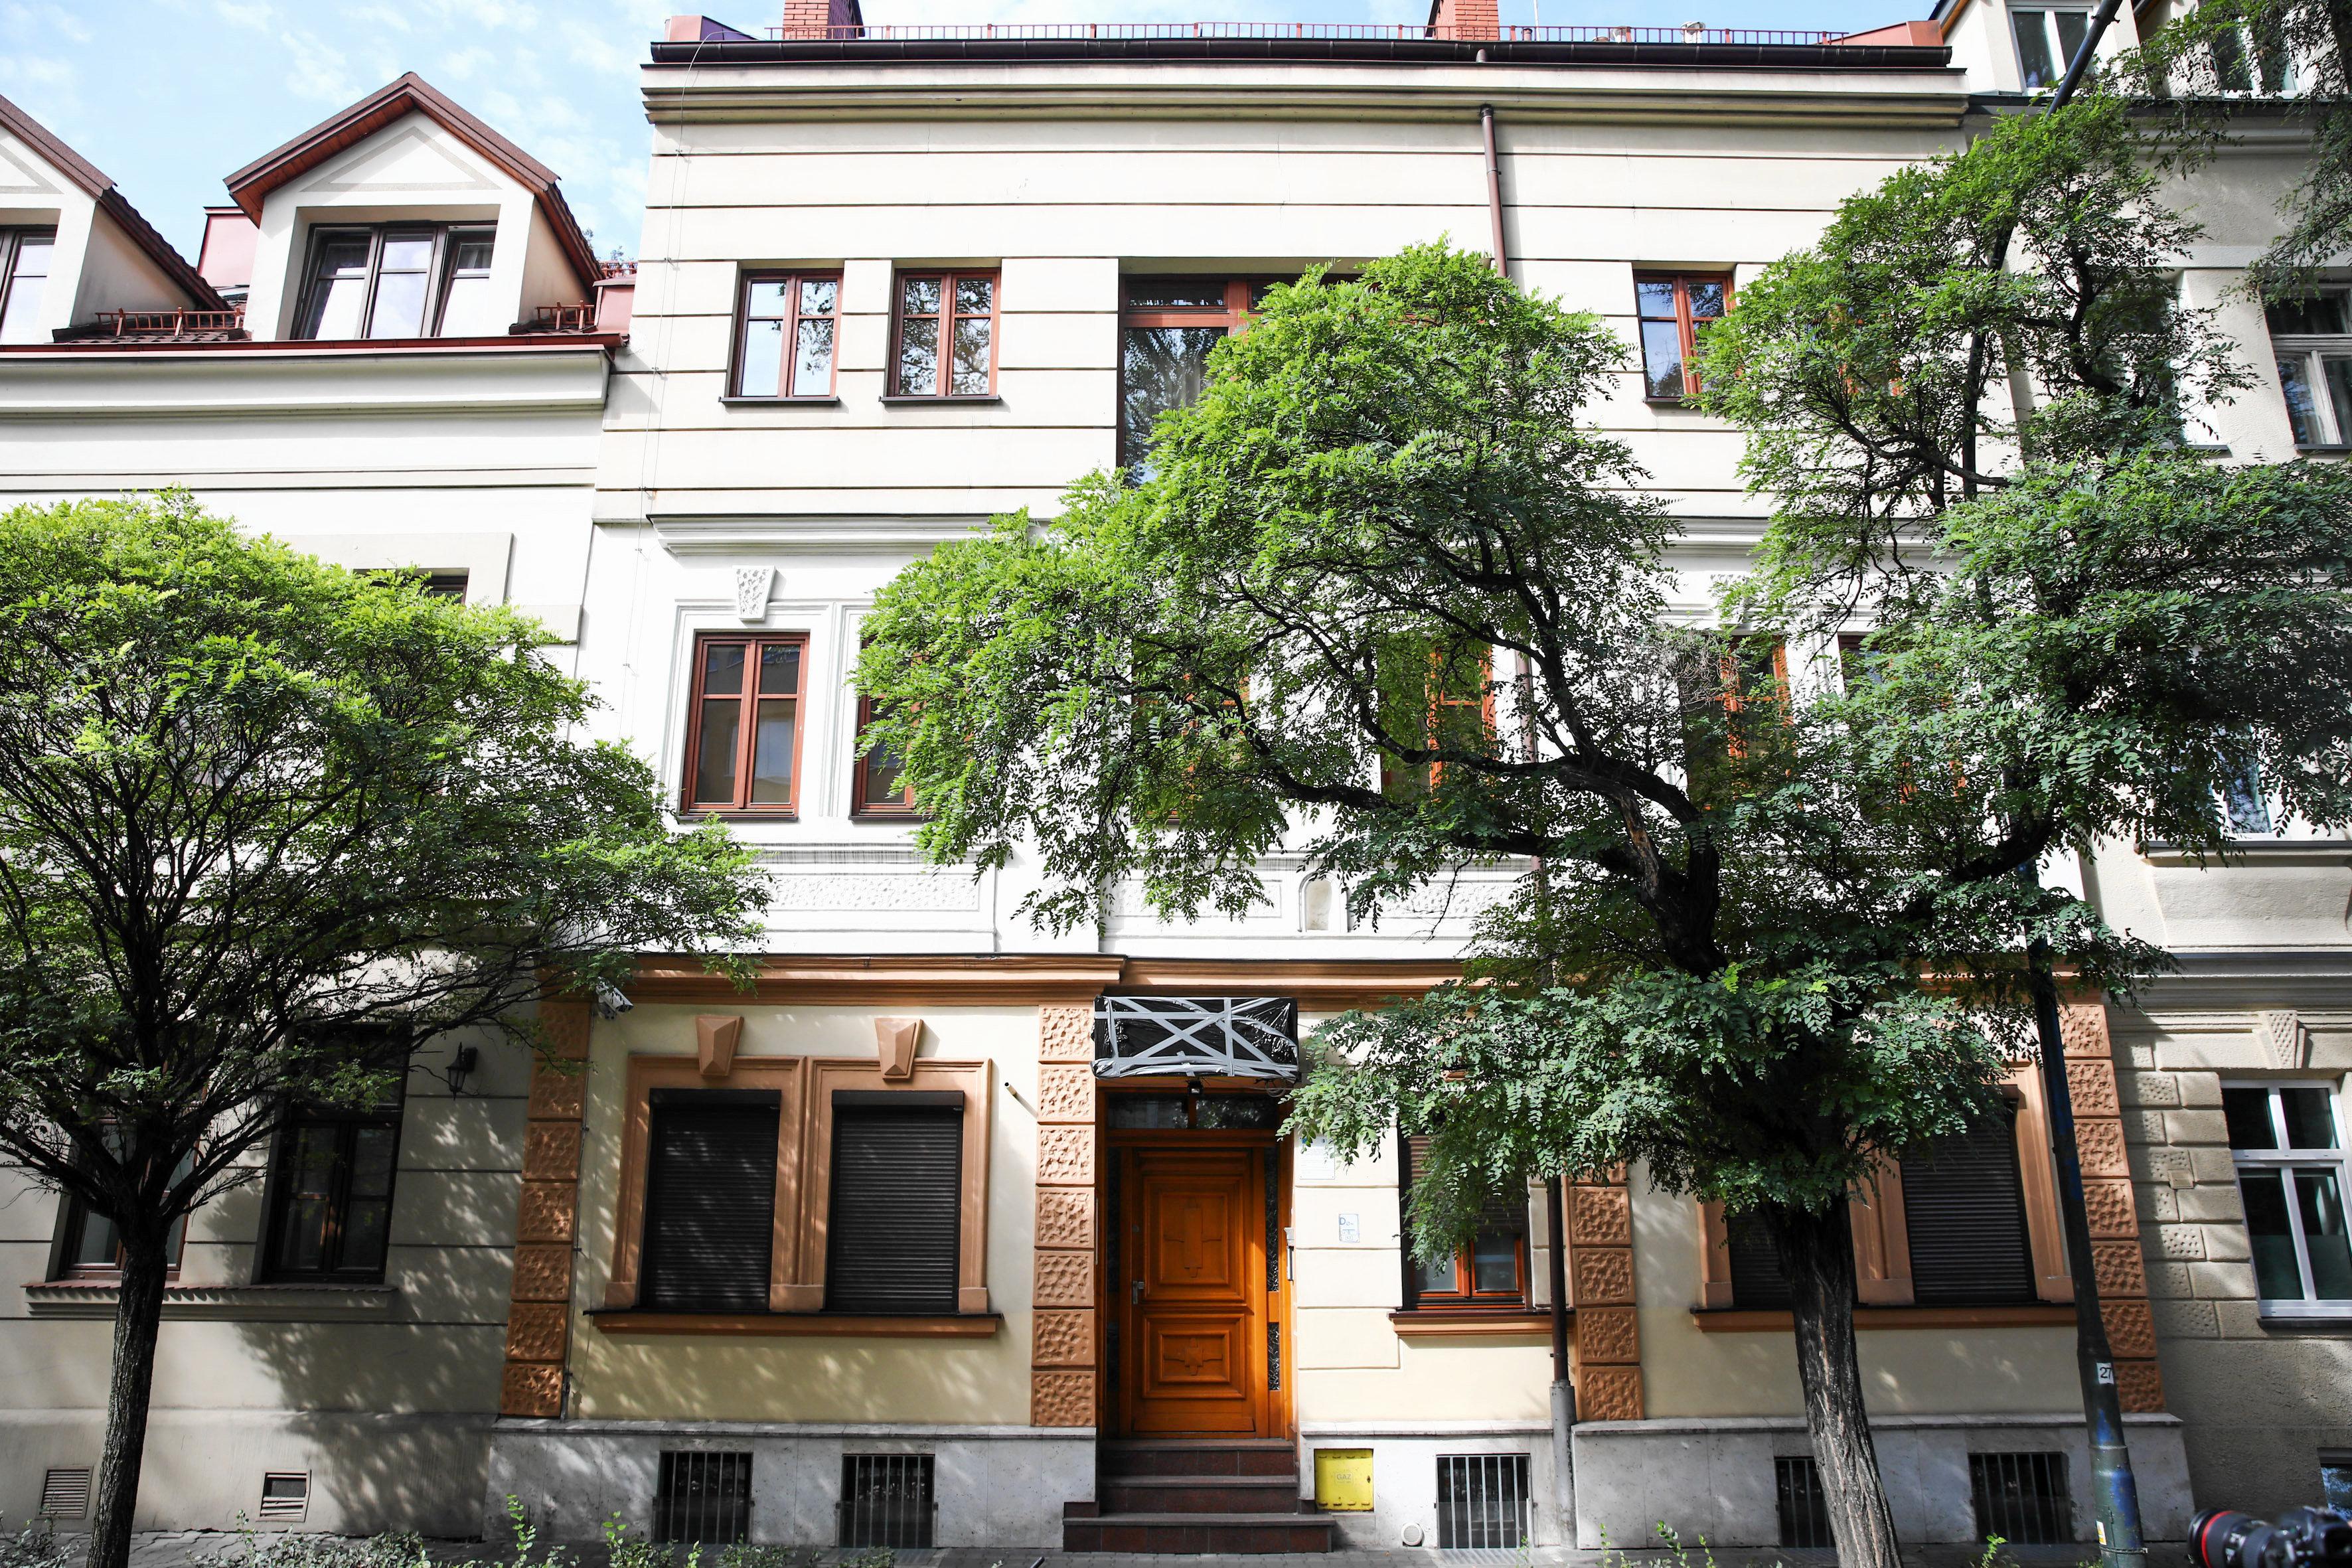 Kamienica przy ul. Krasickiego, w której działał hotel z pokojami na godziny.